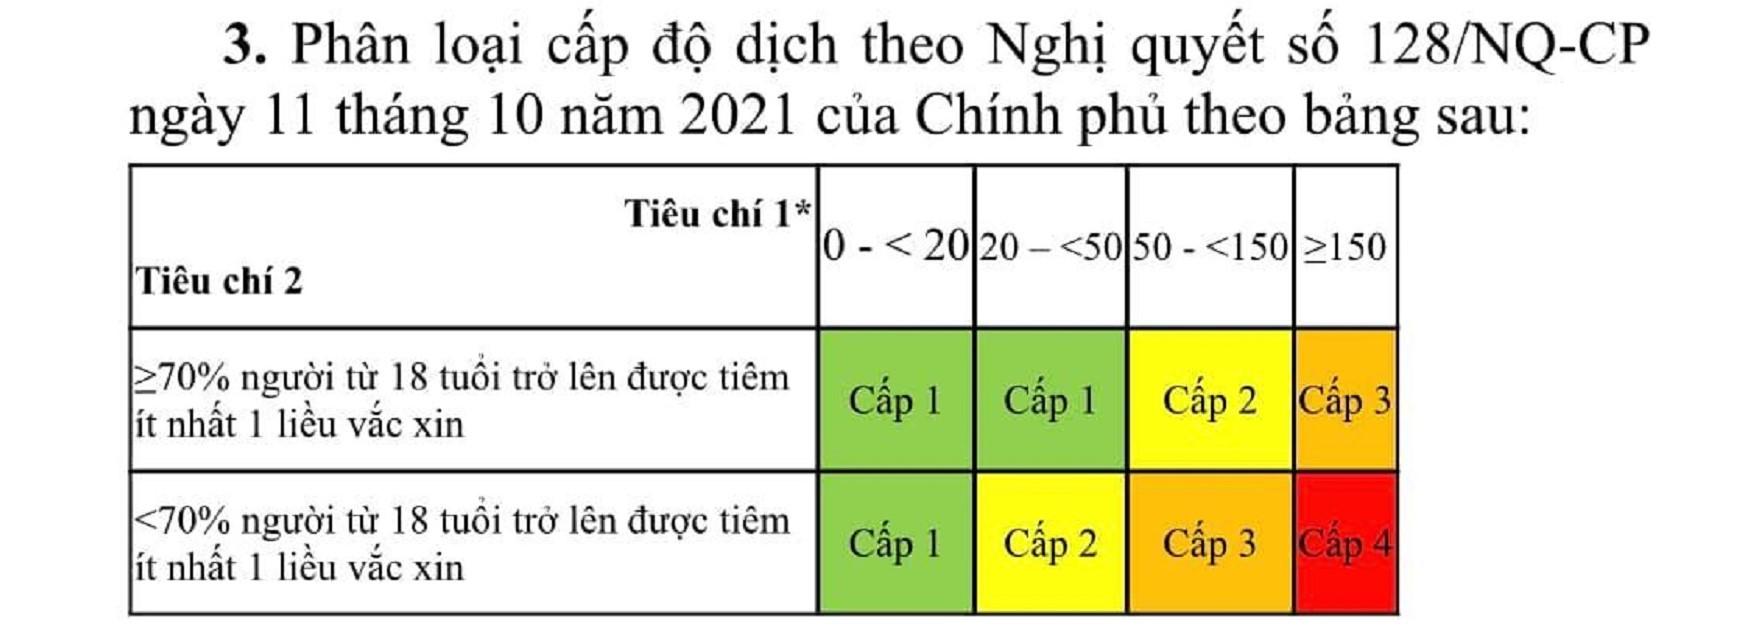 Bộ Y tế hướng dẫn 3 tiêu chí phân loại cấp độ thích ứng an toàn Covid-19